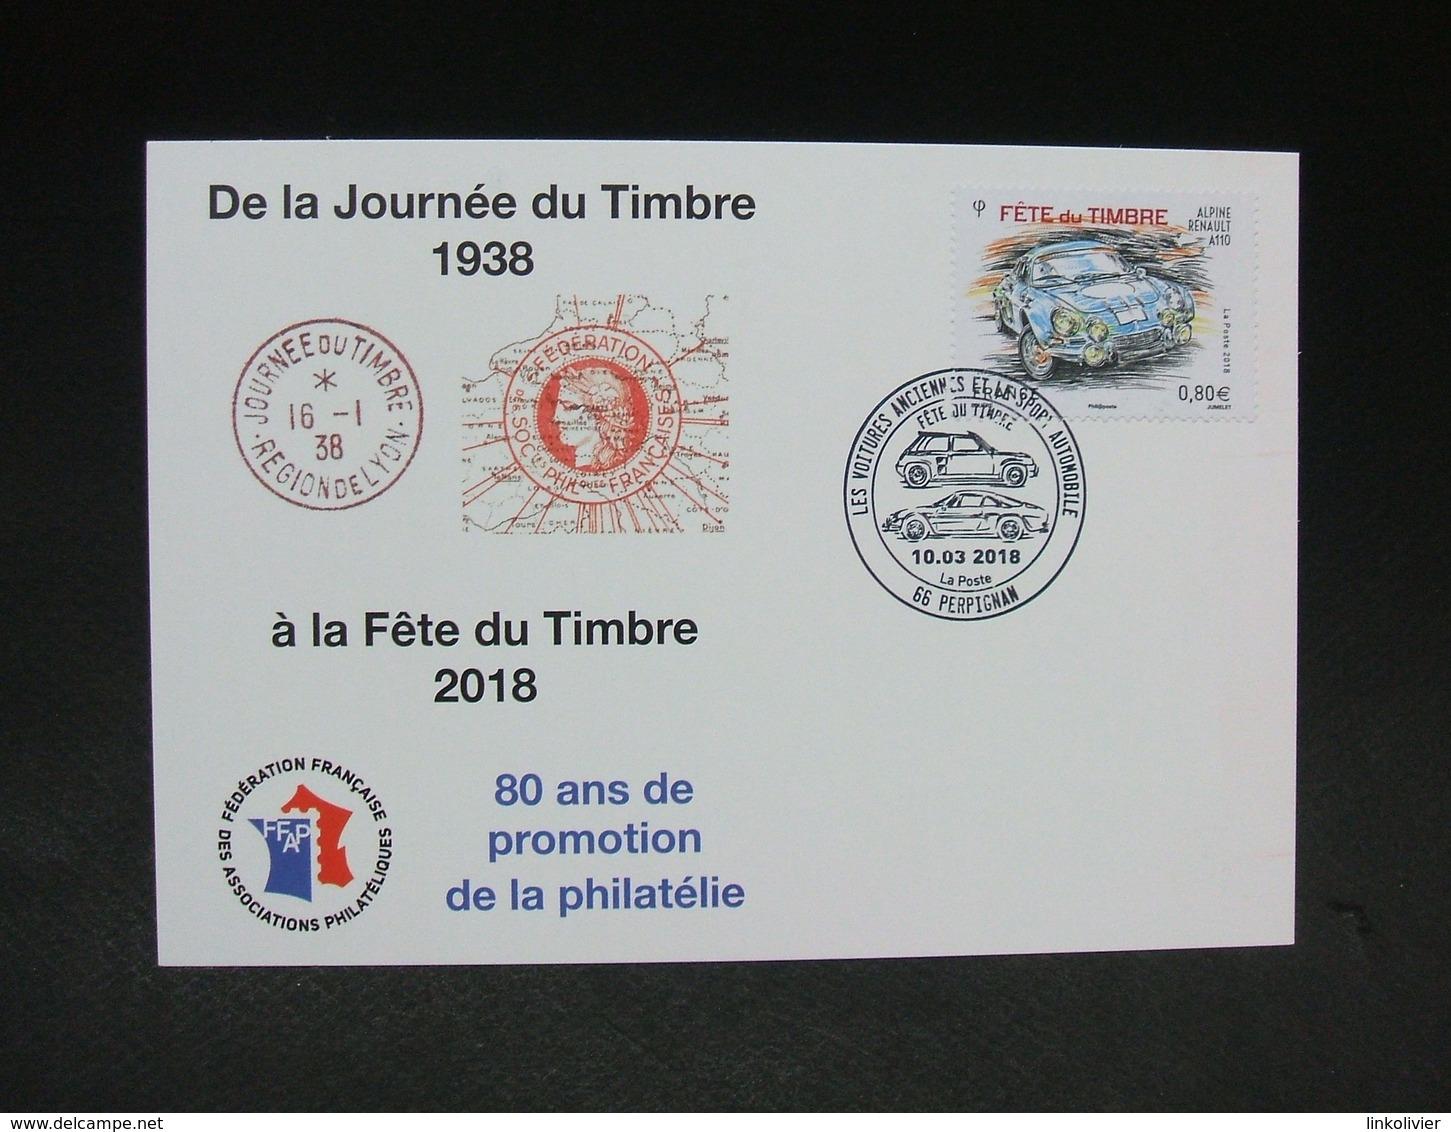 FRANCE CP ALPINE RENAULT A110 Oblitération 1er Jour FFAP - De La Journée Du Timbre 1938 à La Fête Du Timbre 2018 - FDC